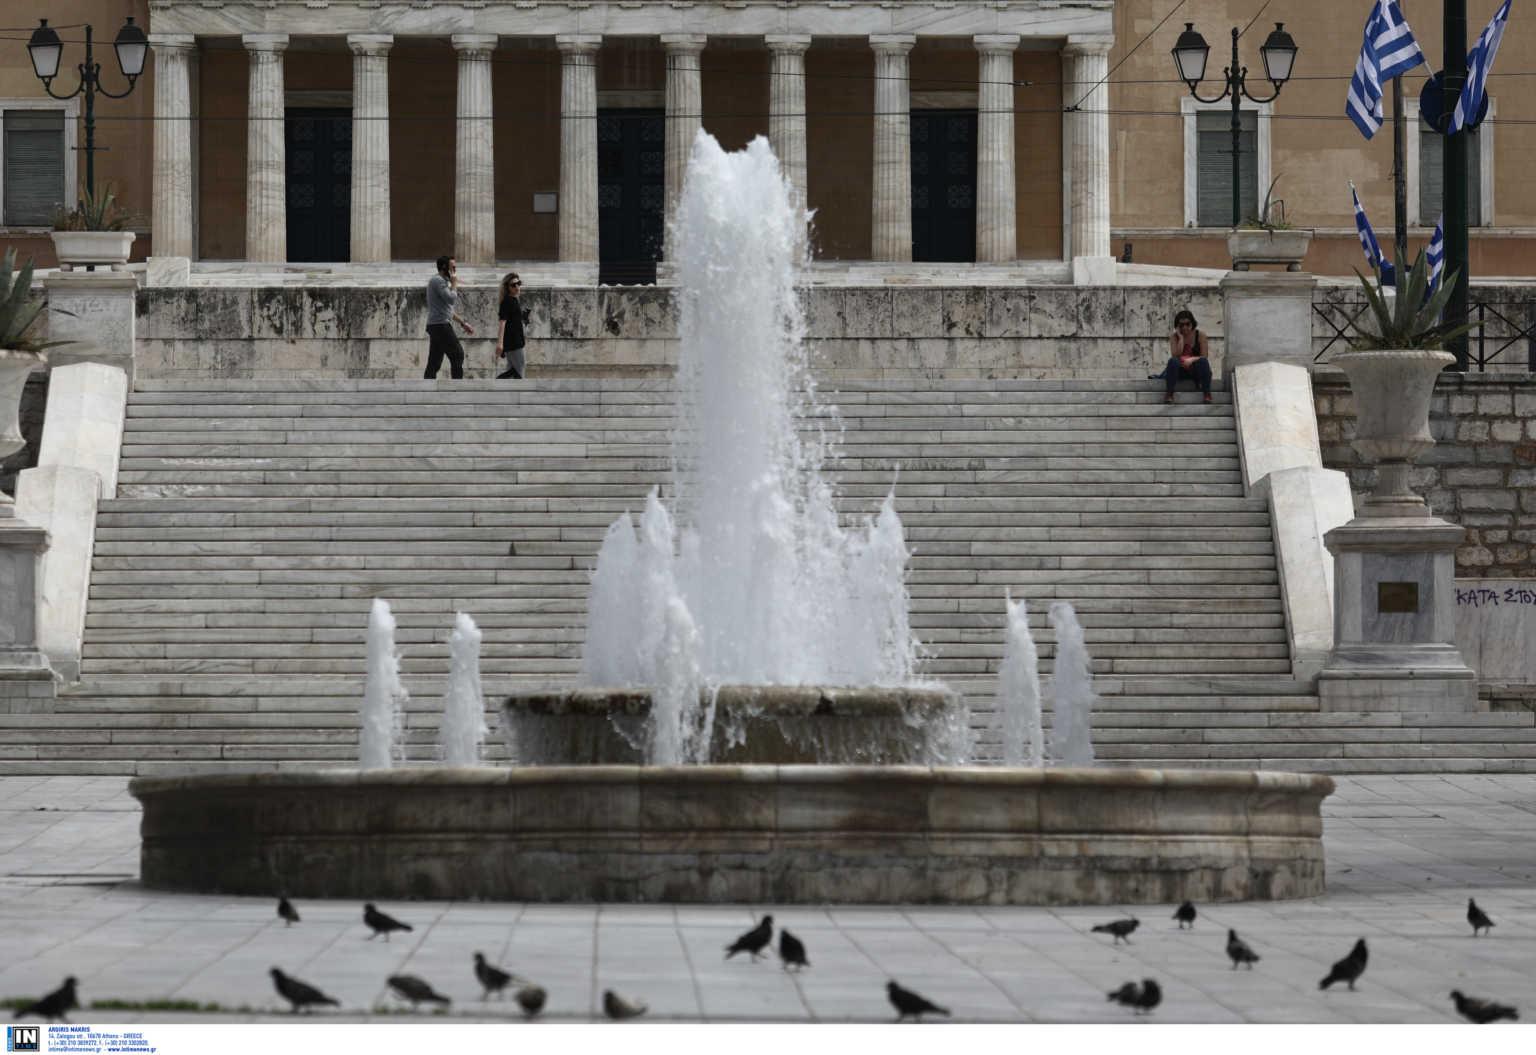 Δημοσκόπηση για τον φιλελευθερισμό: Η απήχηση στην Ελλάδα και ο κύριος εκφραστής – Η άποψη για τη Συμφωνία των Πρεσπών